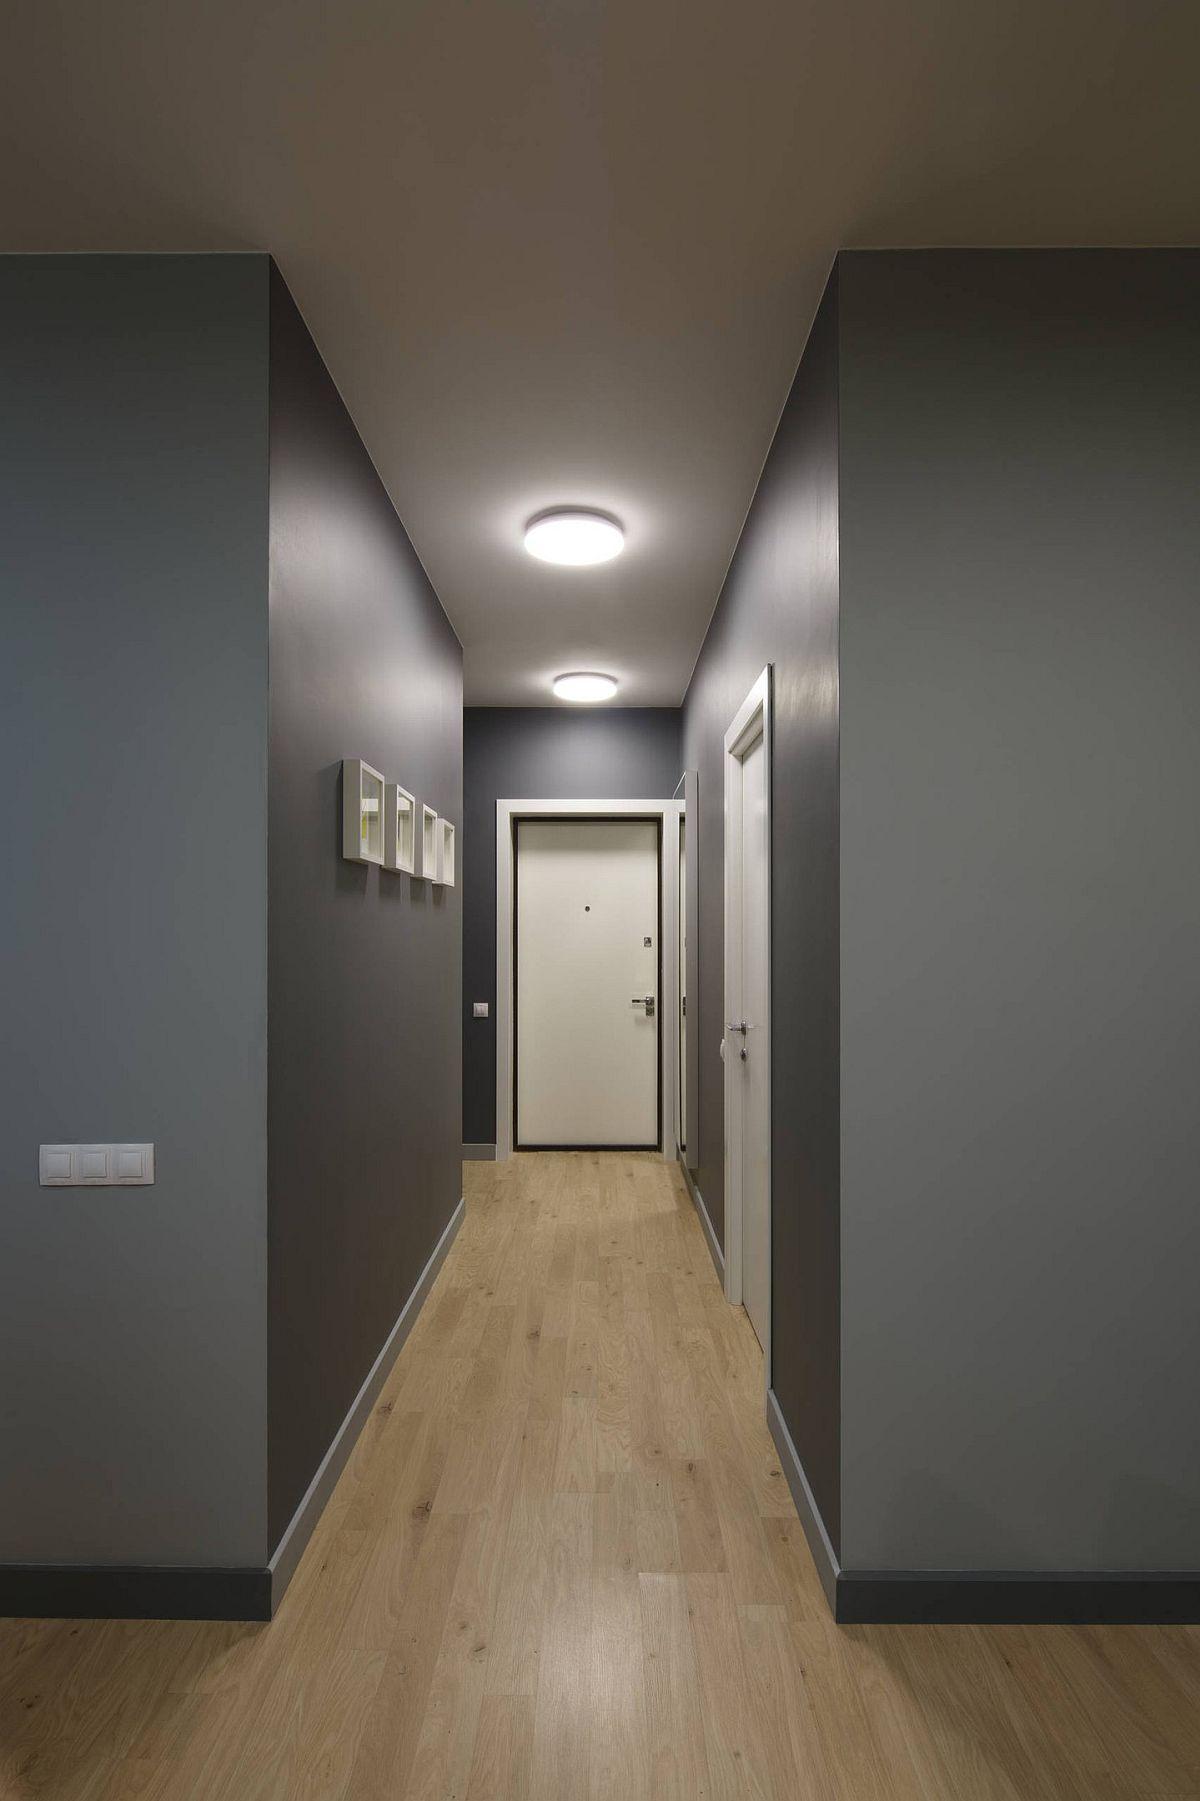 Din holul garsonierei se face accesul către baie, evident complet separată. Nuanța de gri folosită peste tot pentru pereți contrastează plăcut cu pardoseala din cu textură din lemn și ușile albe. De asemenea este o nuanță rezistentă la murdărire, inevitabilă în mediu urban.